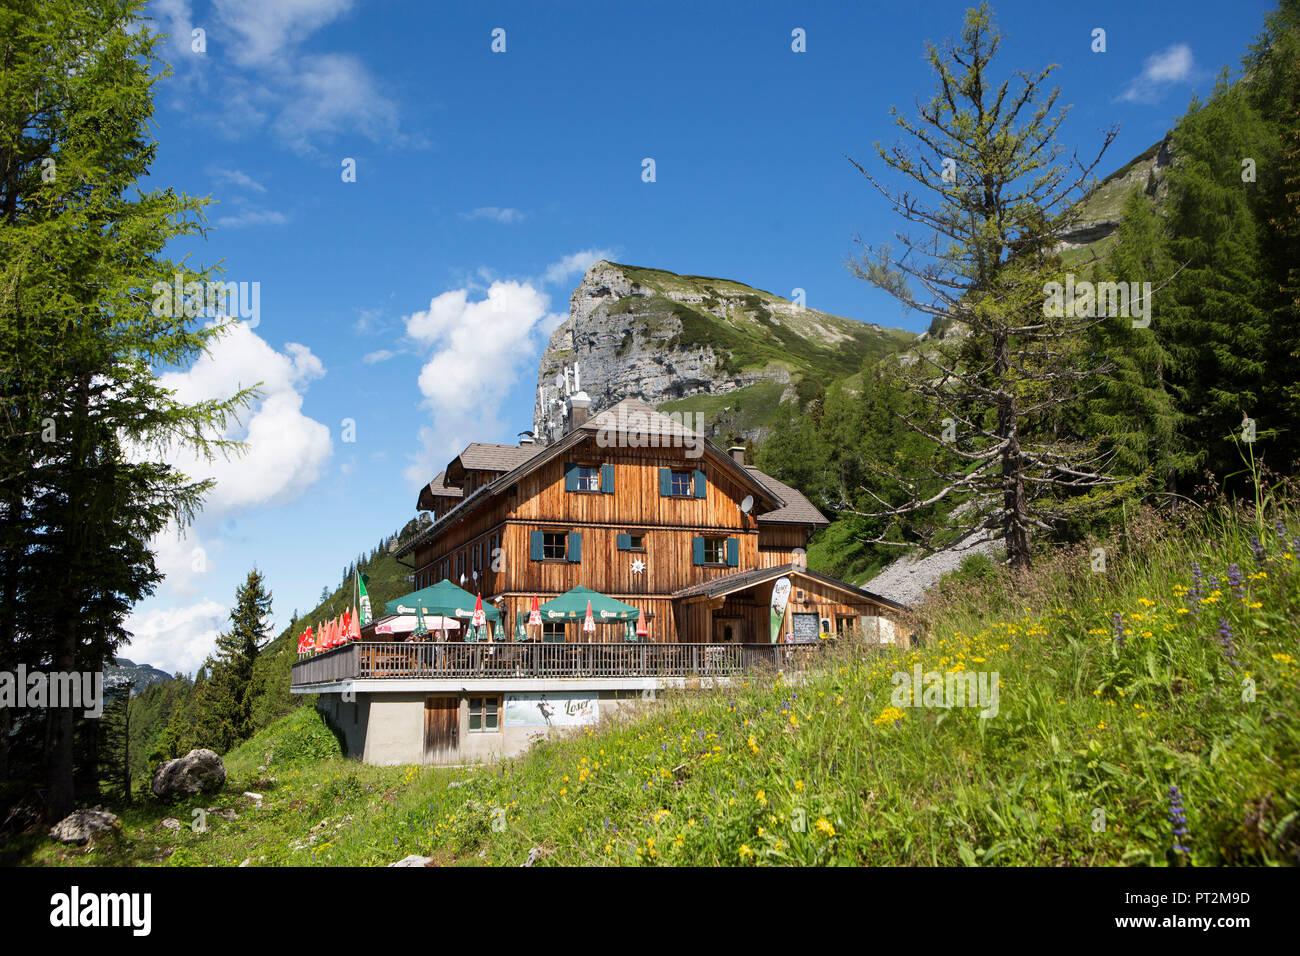 Austria, Styria, Salzkammergut, Ausseerland, Altaussee, Loserhütte, Loser Panoramastraße - Stock Image